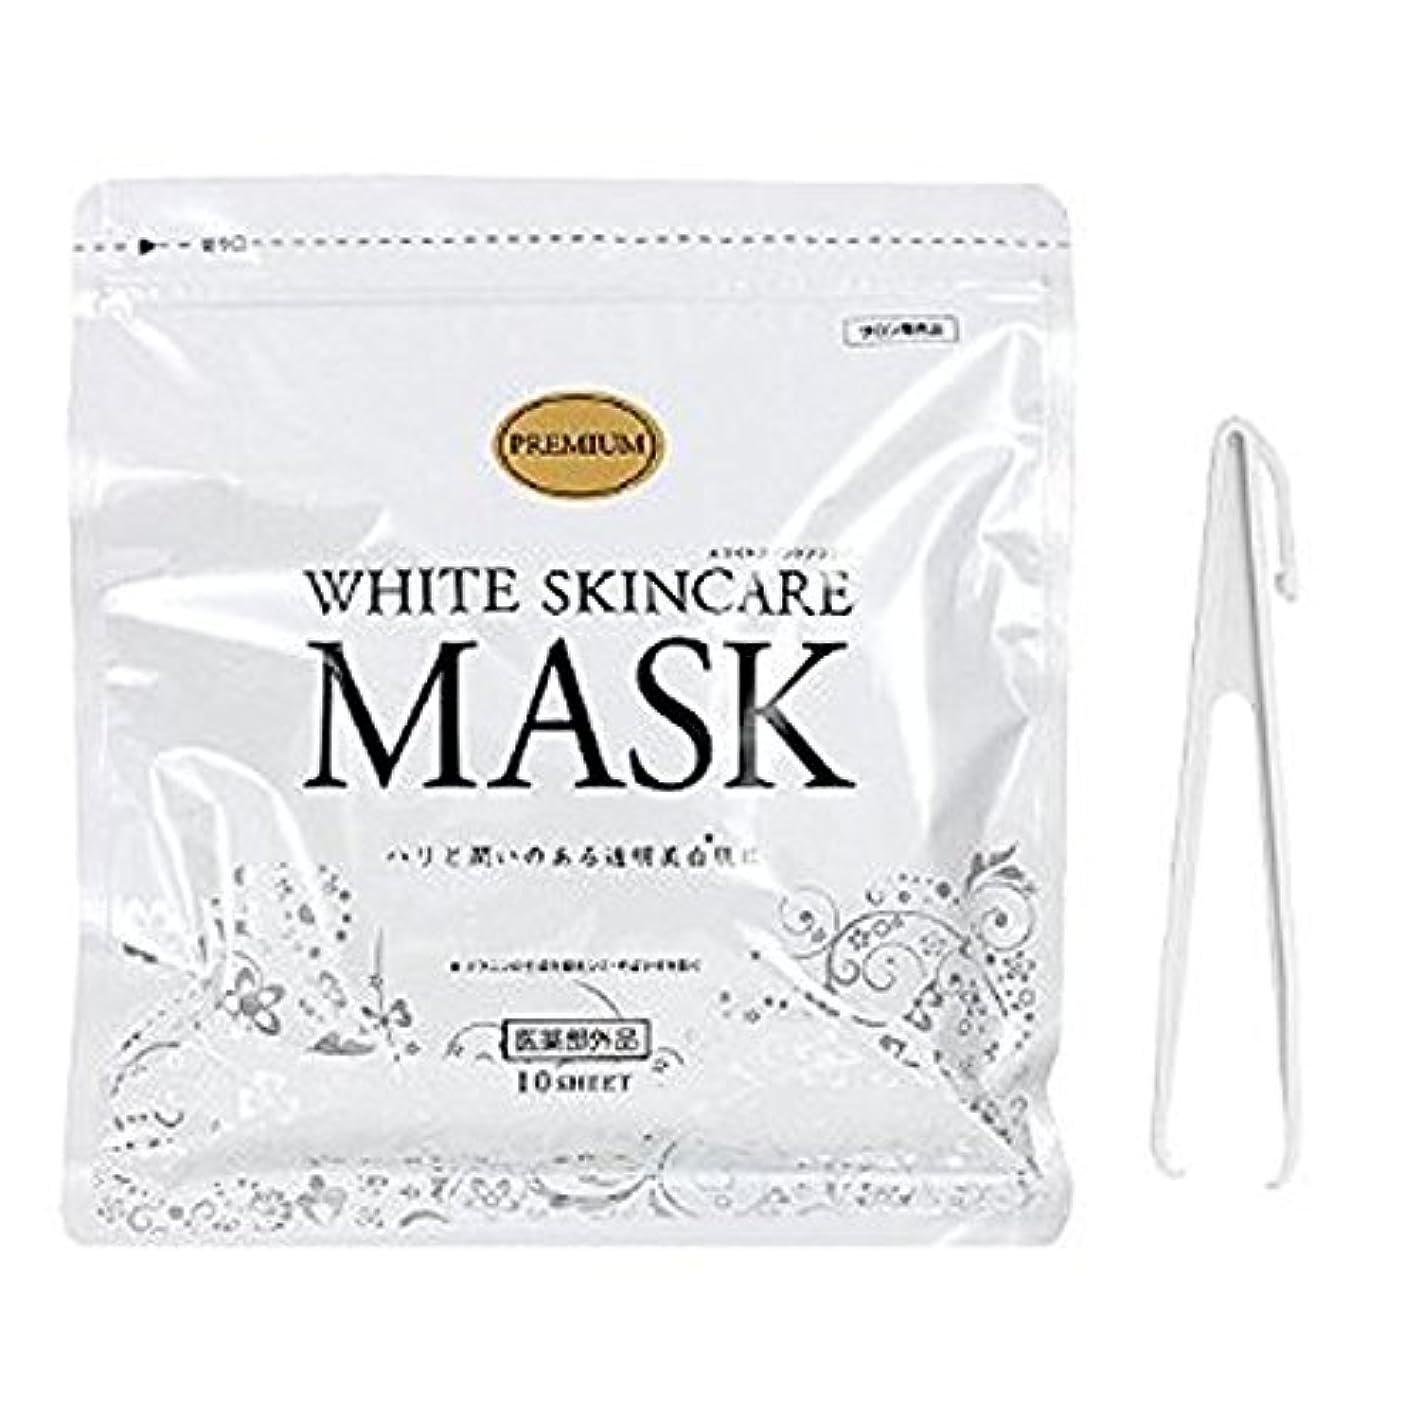 有効な壮大な神社ホワイトスキンケアマスク 10枚入